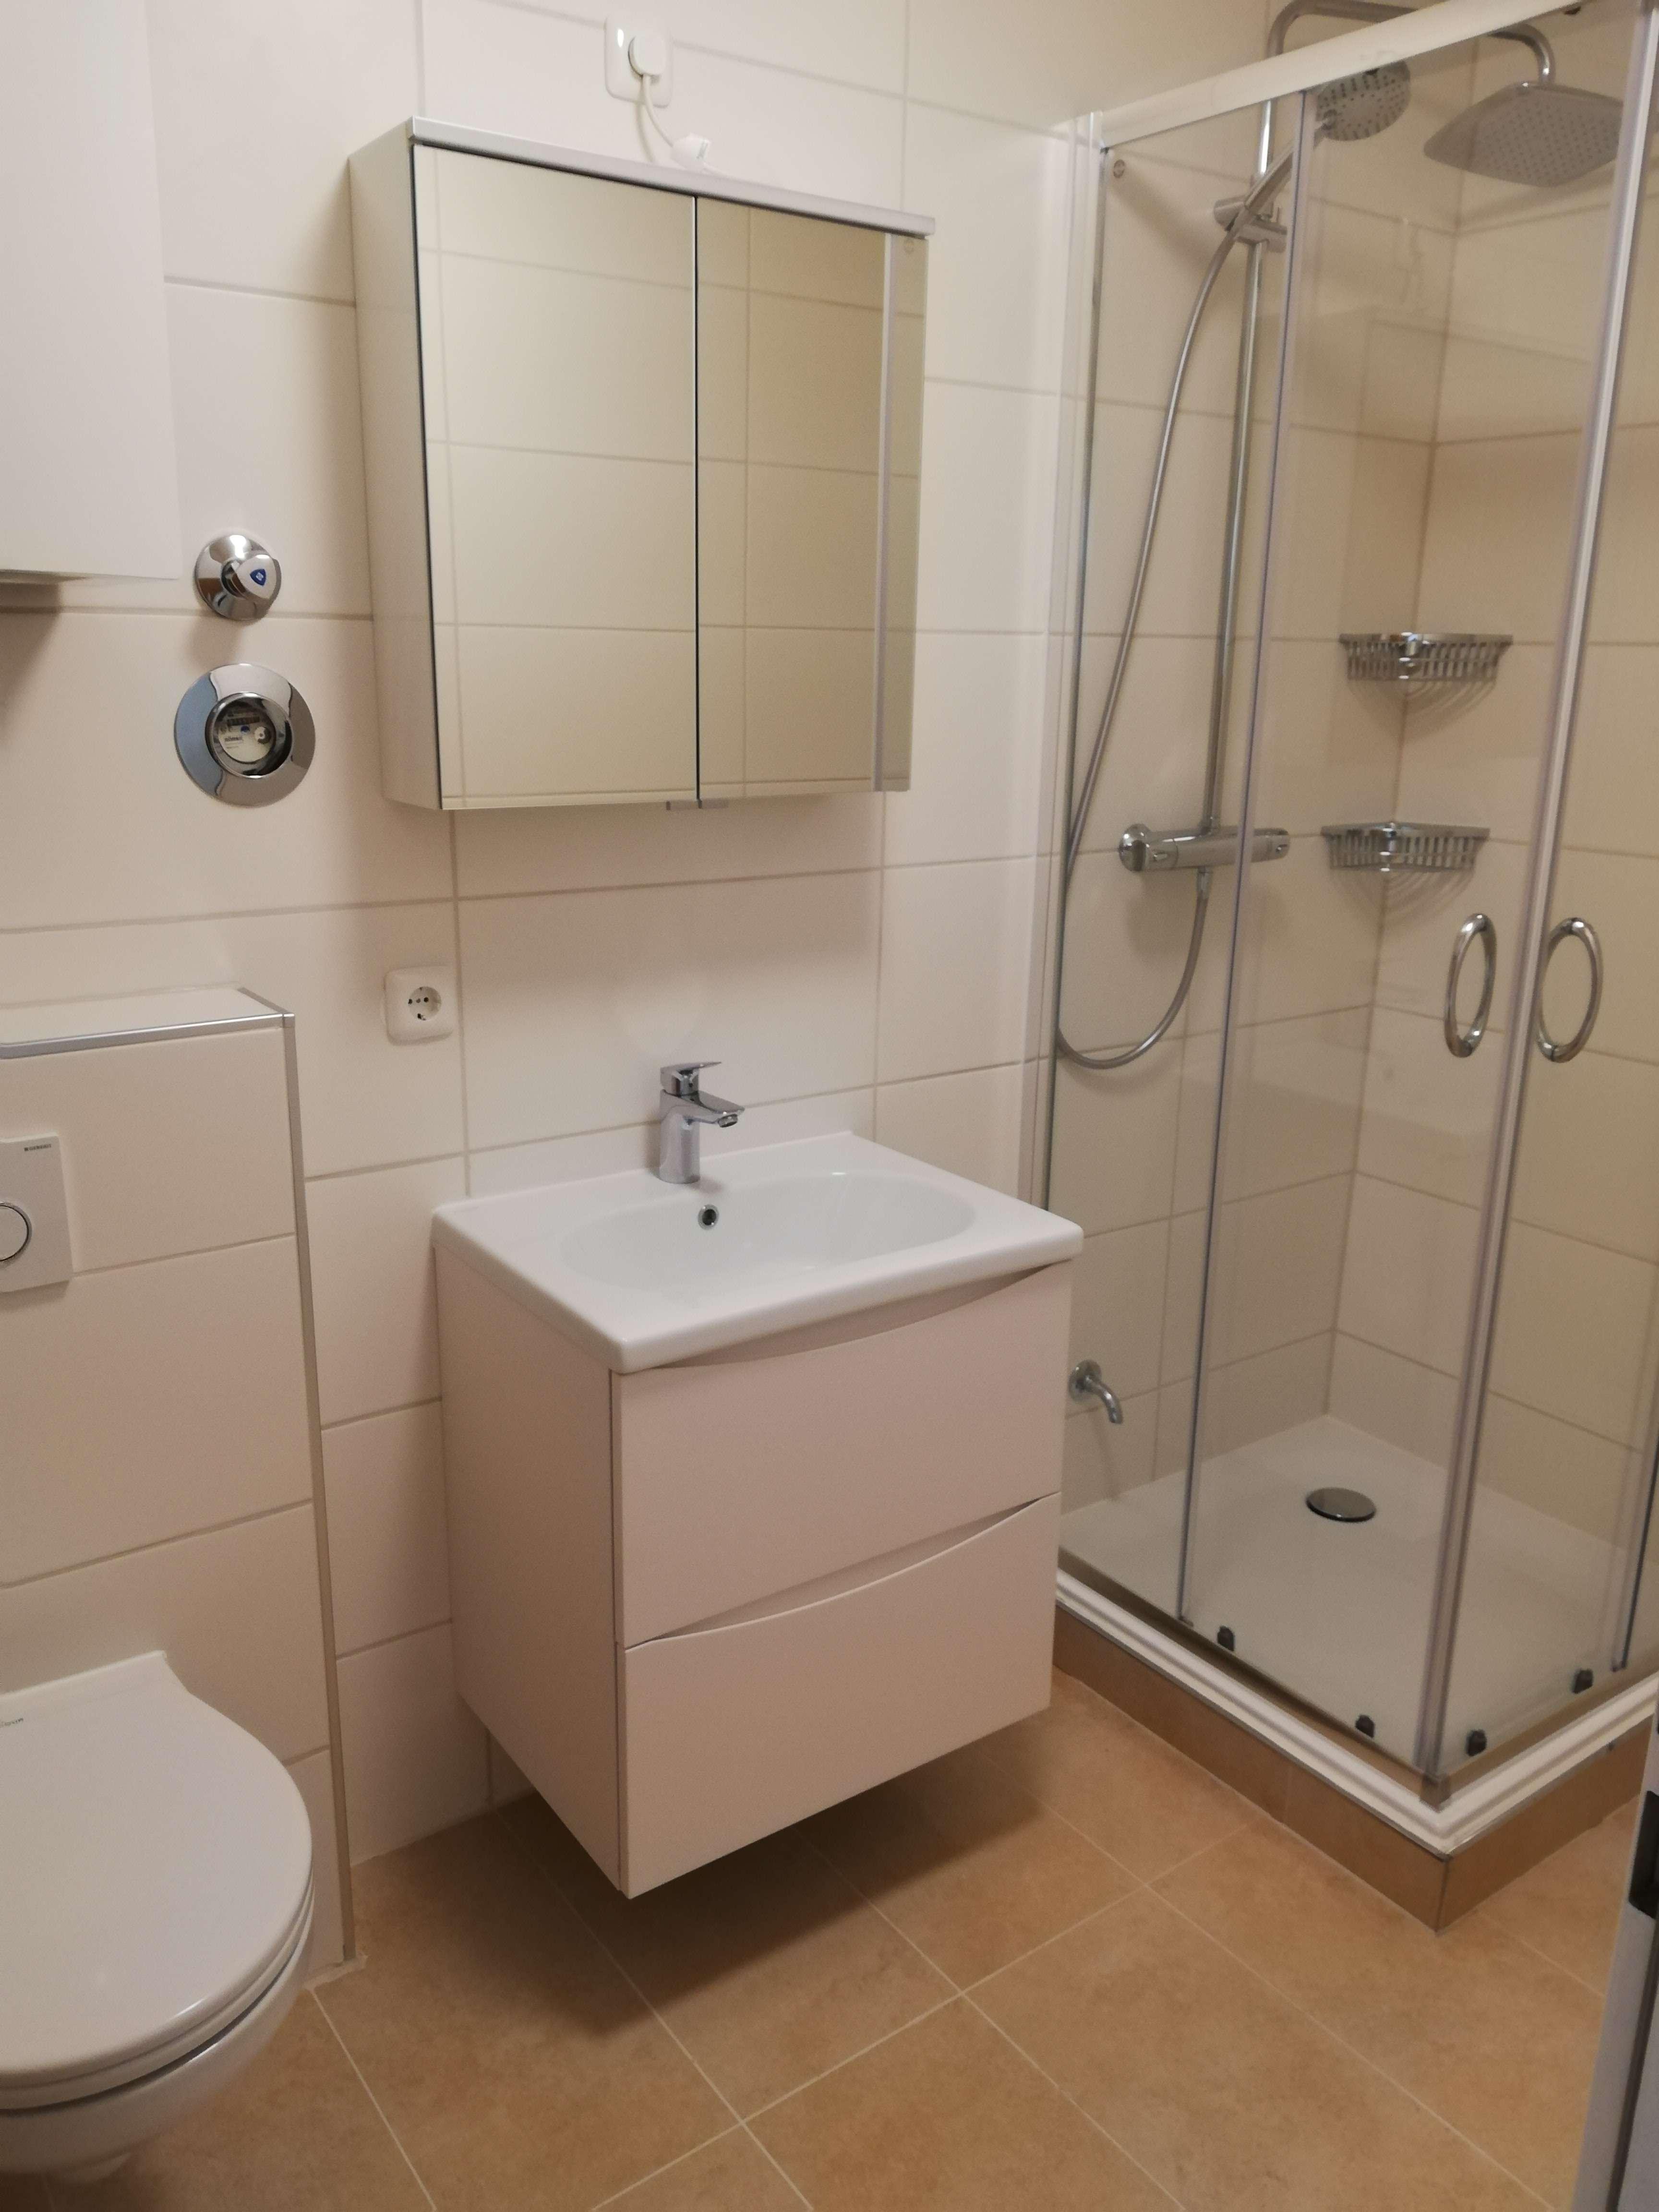 Ruhige 2-Zimmer-Wohnung in Passau, Innstadt, ca. 68,85 m², neu renoviert